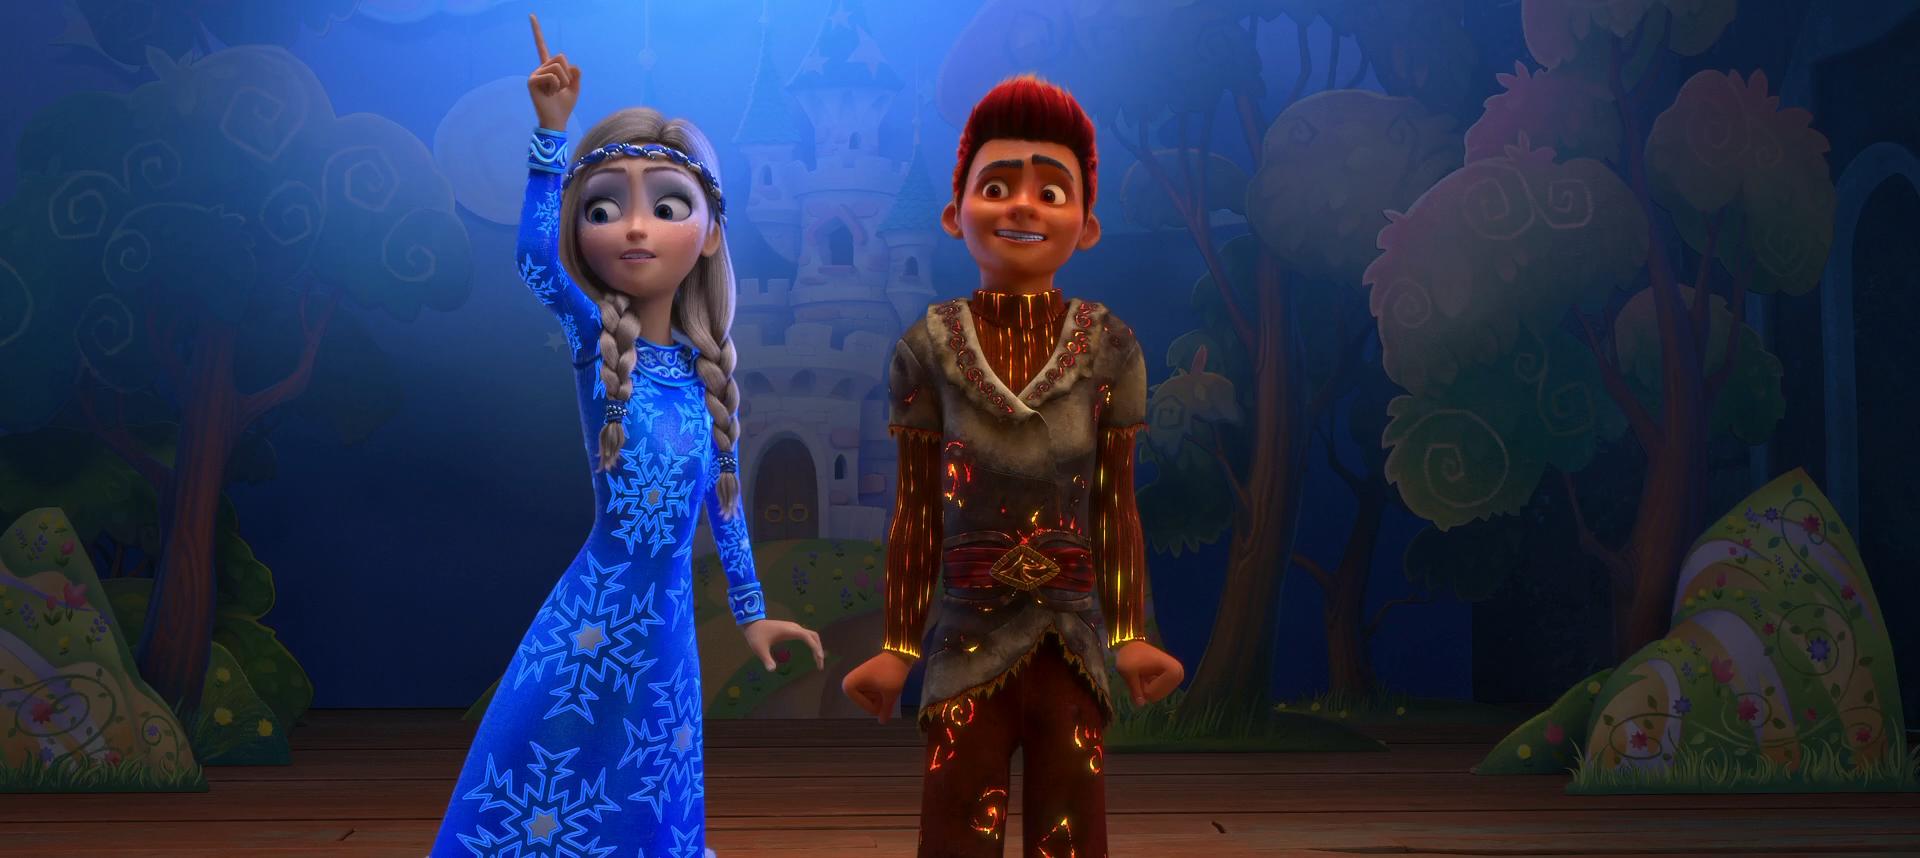 артикуляция губно-зубных песни из мультфильма снежная королева 3 помогает